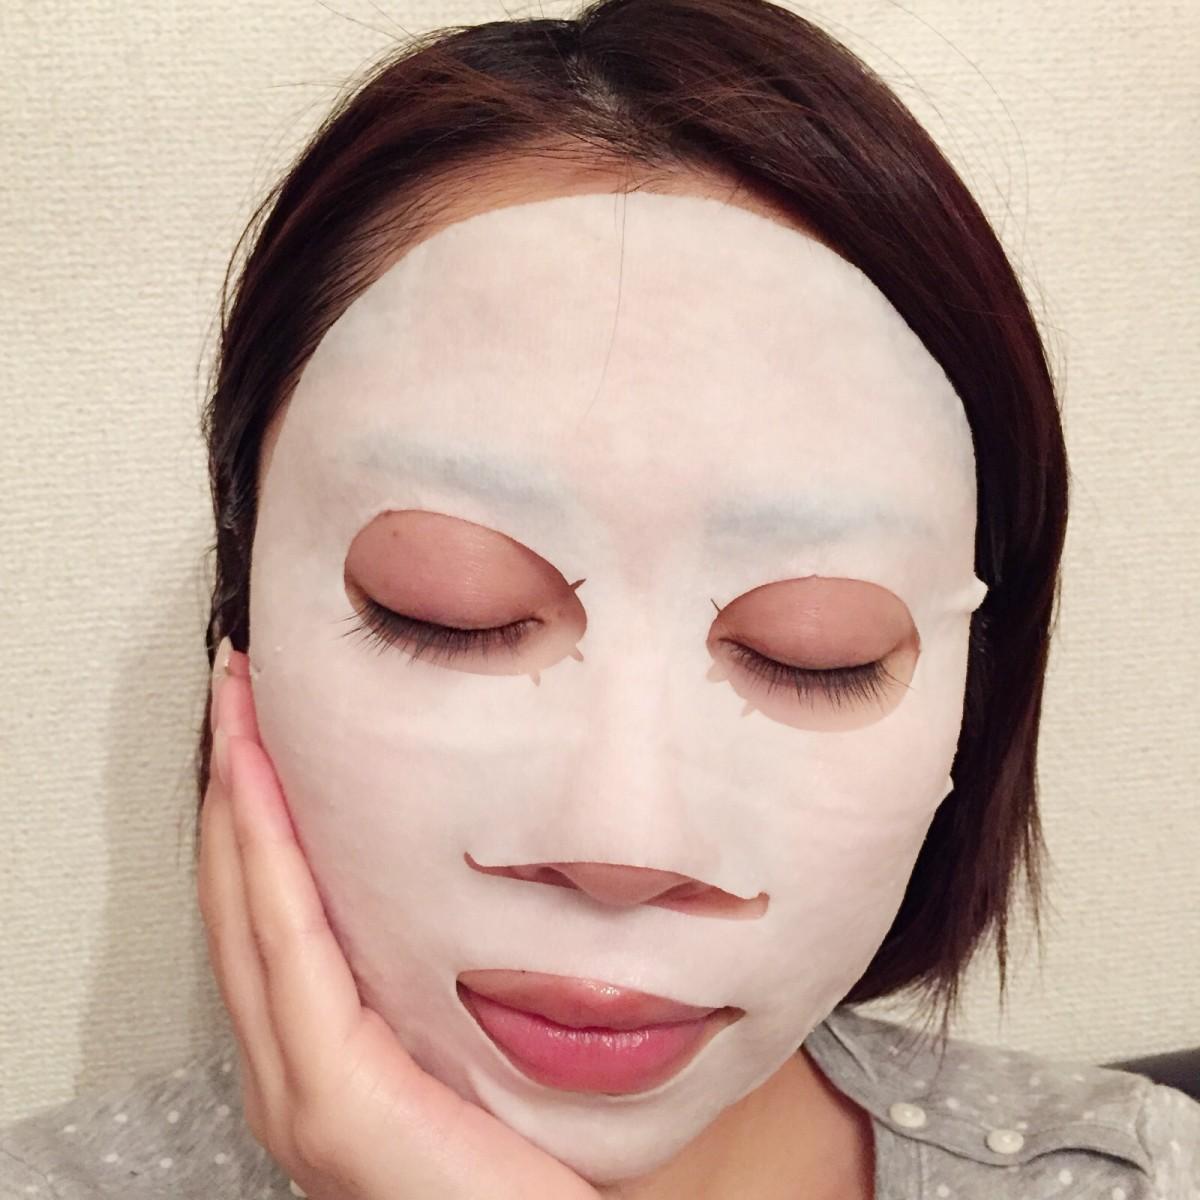 美白マスクで集中紫外線ケア&冬肌準備!資生堂ホワイトルーセント パワー ブライトニング マスク